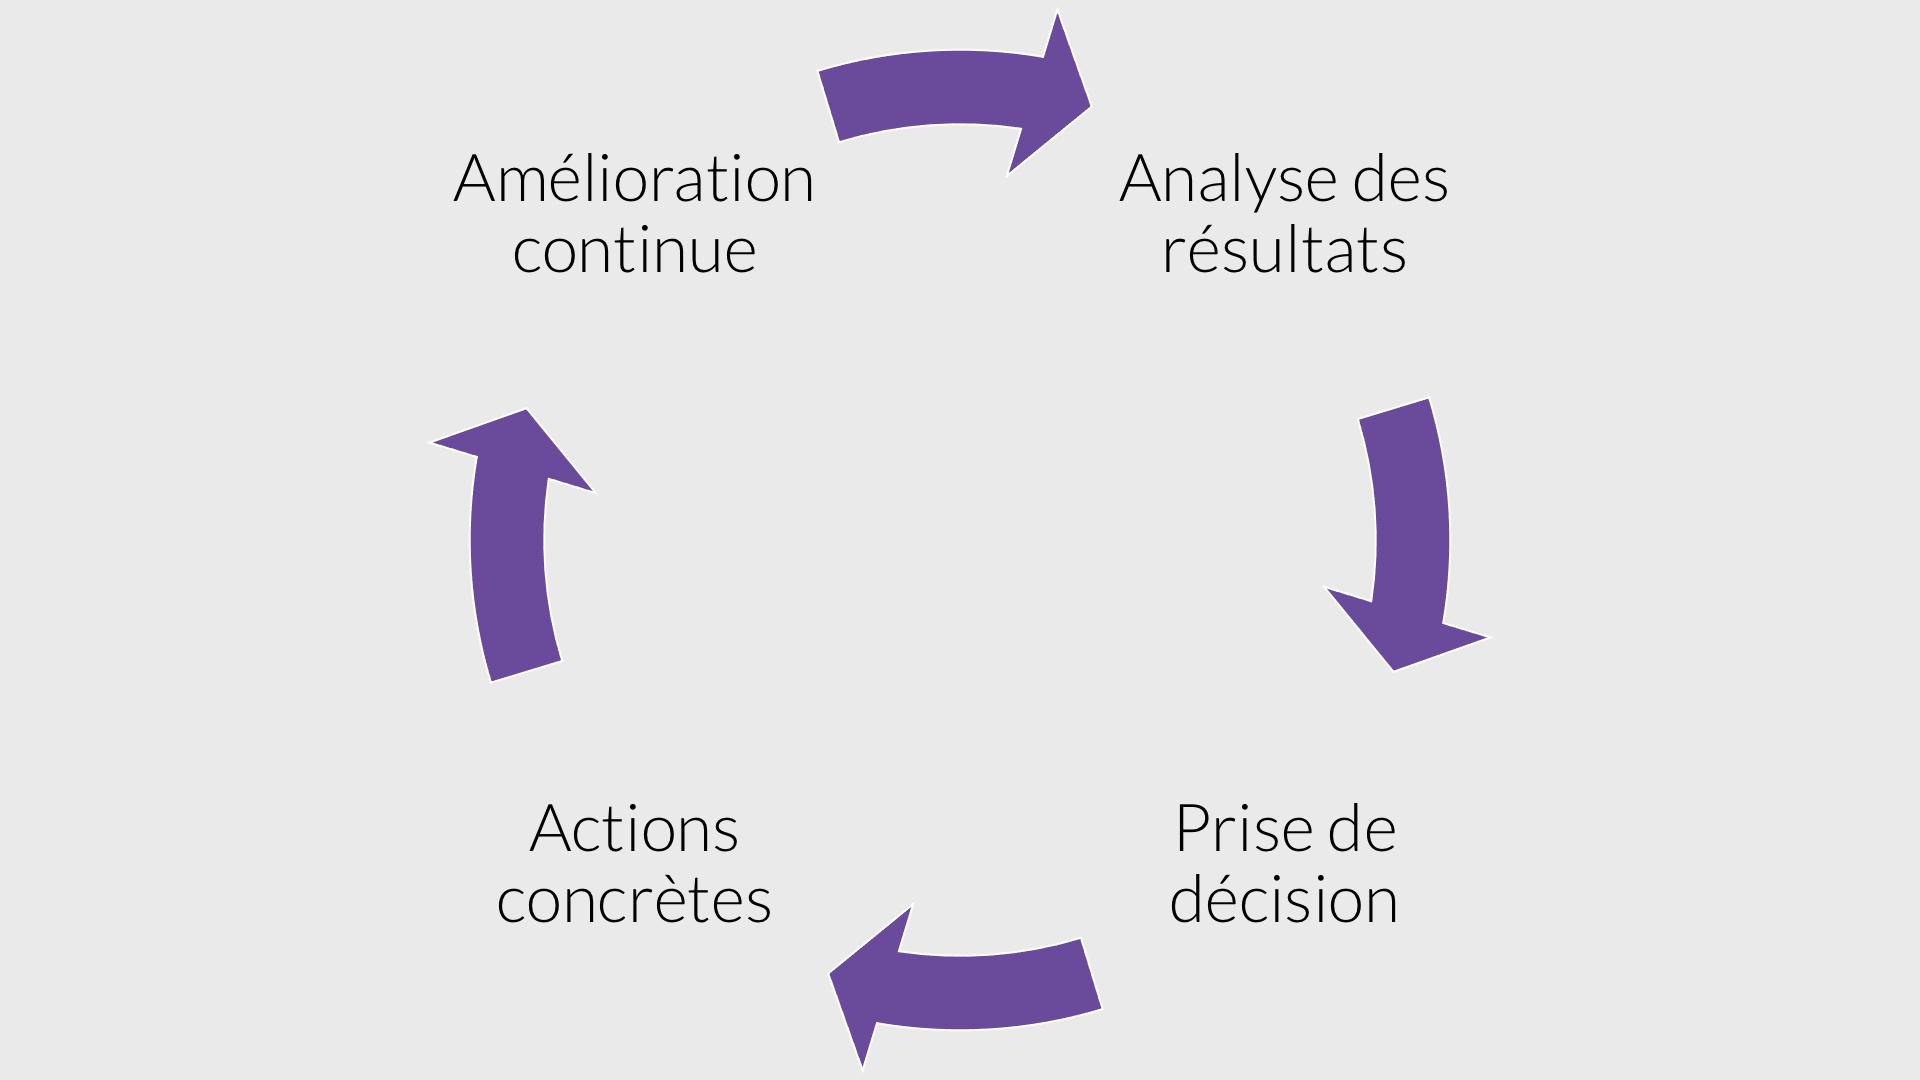 Boucle d'amélioration continue pour prendre de meilleures décisions grâce au contrôle de gestion externalisé